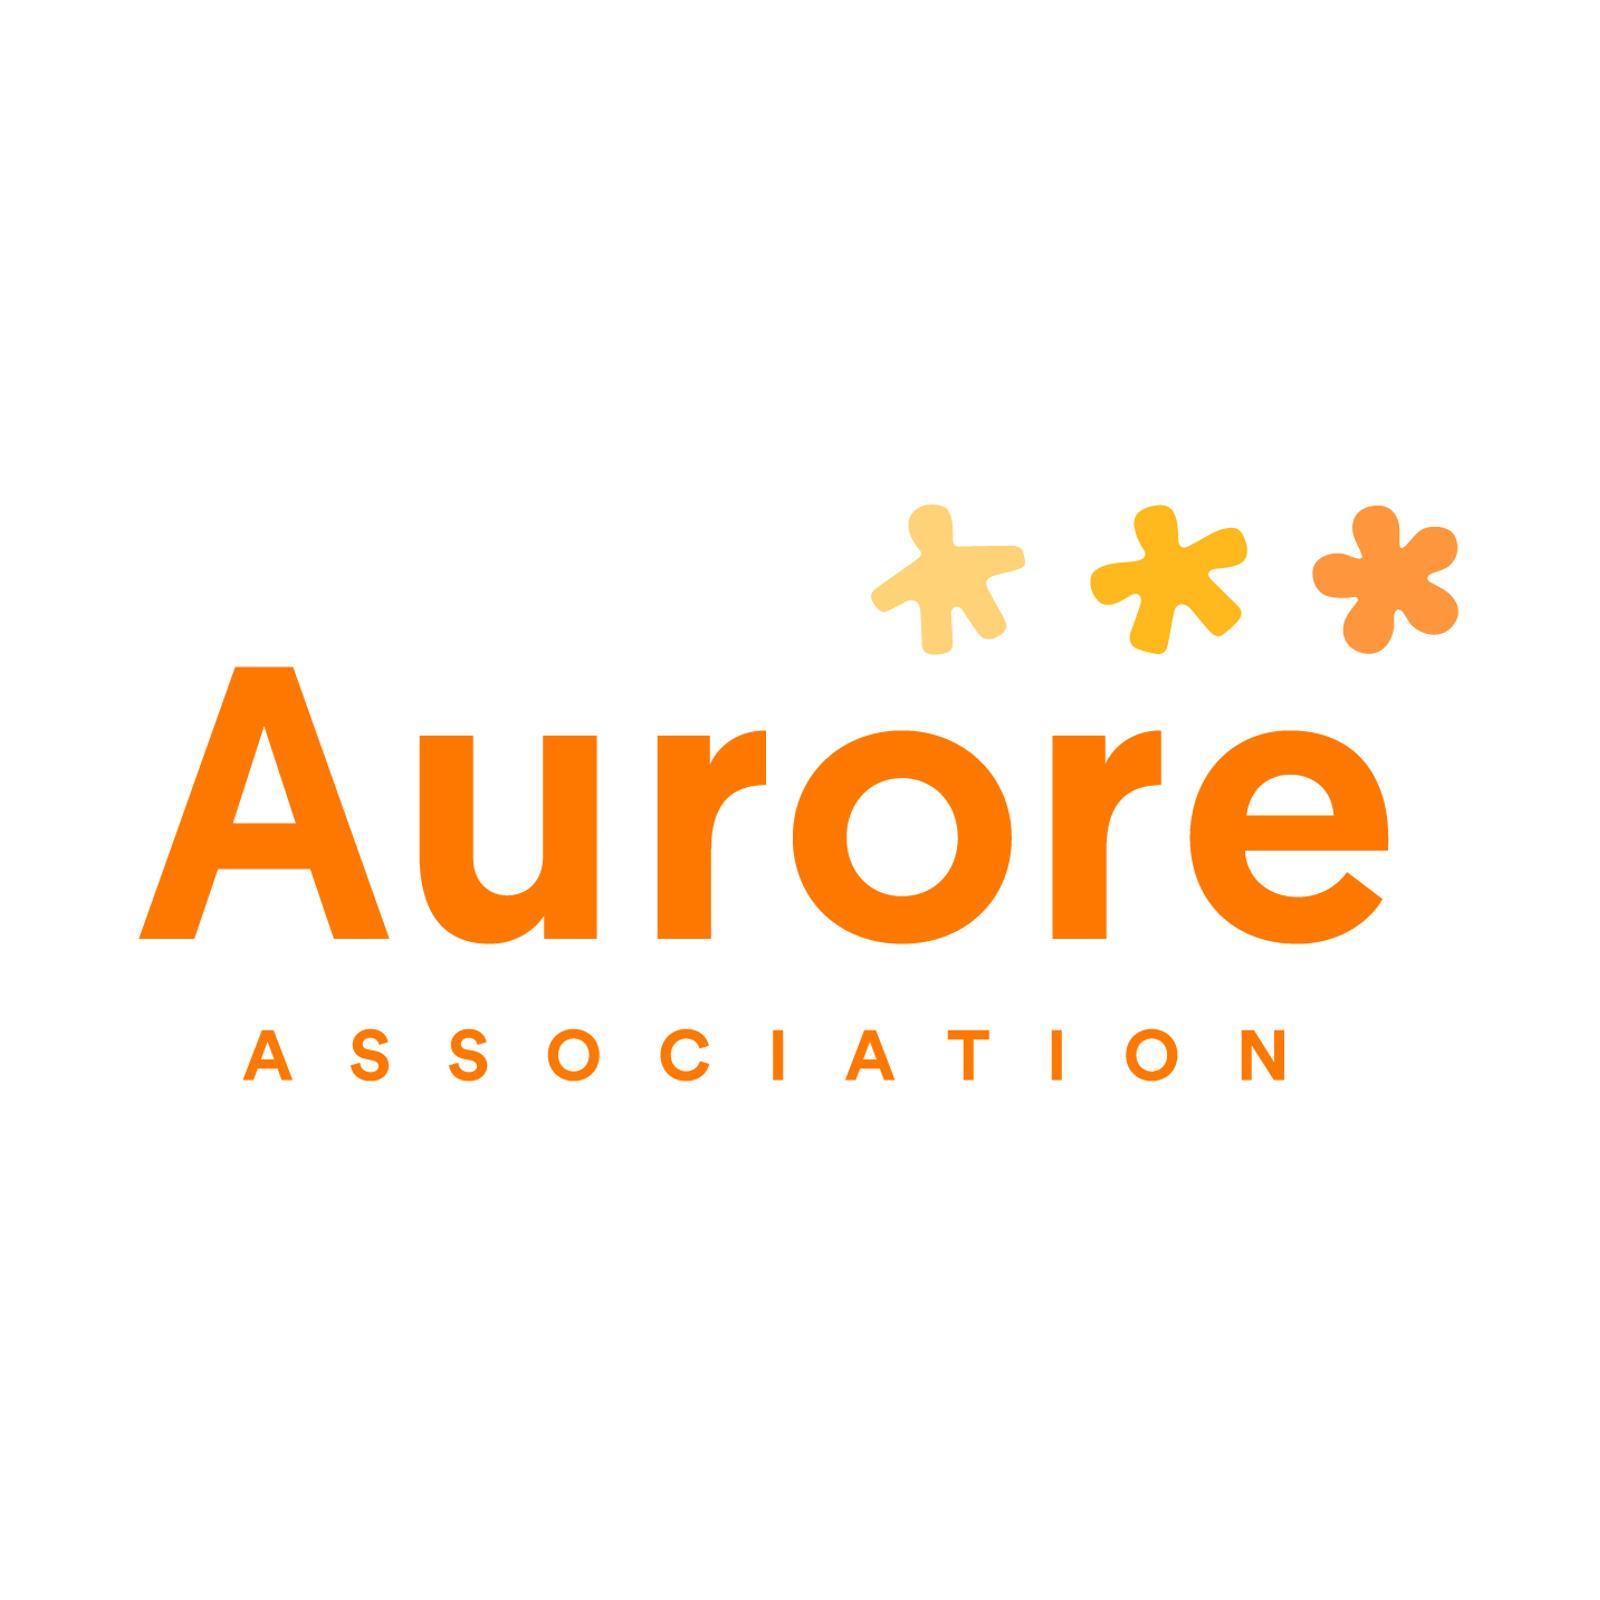 """Résultat de recherche d'images pour """"aurore logo"""""""